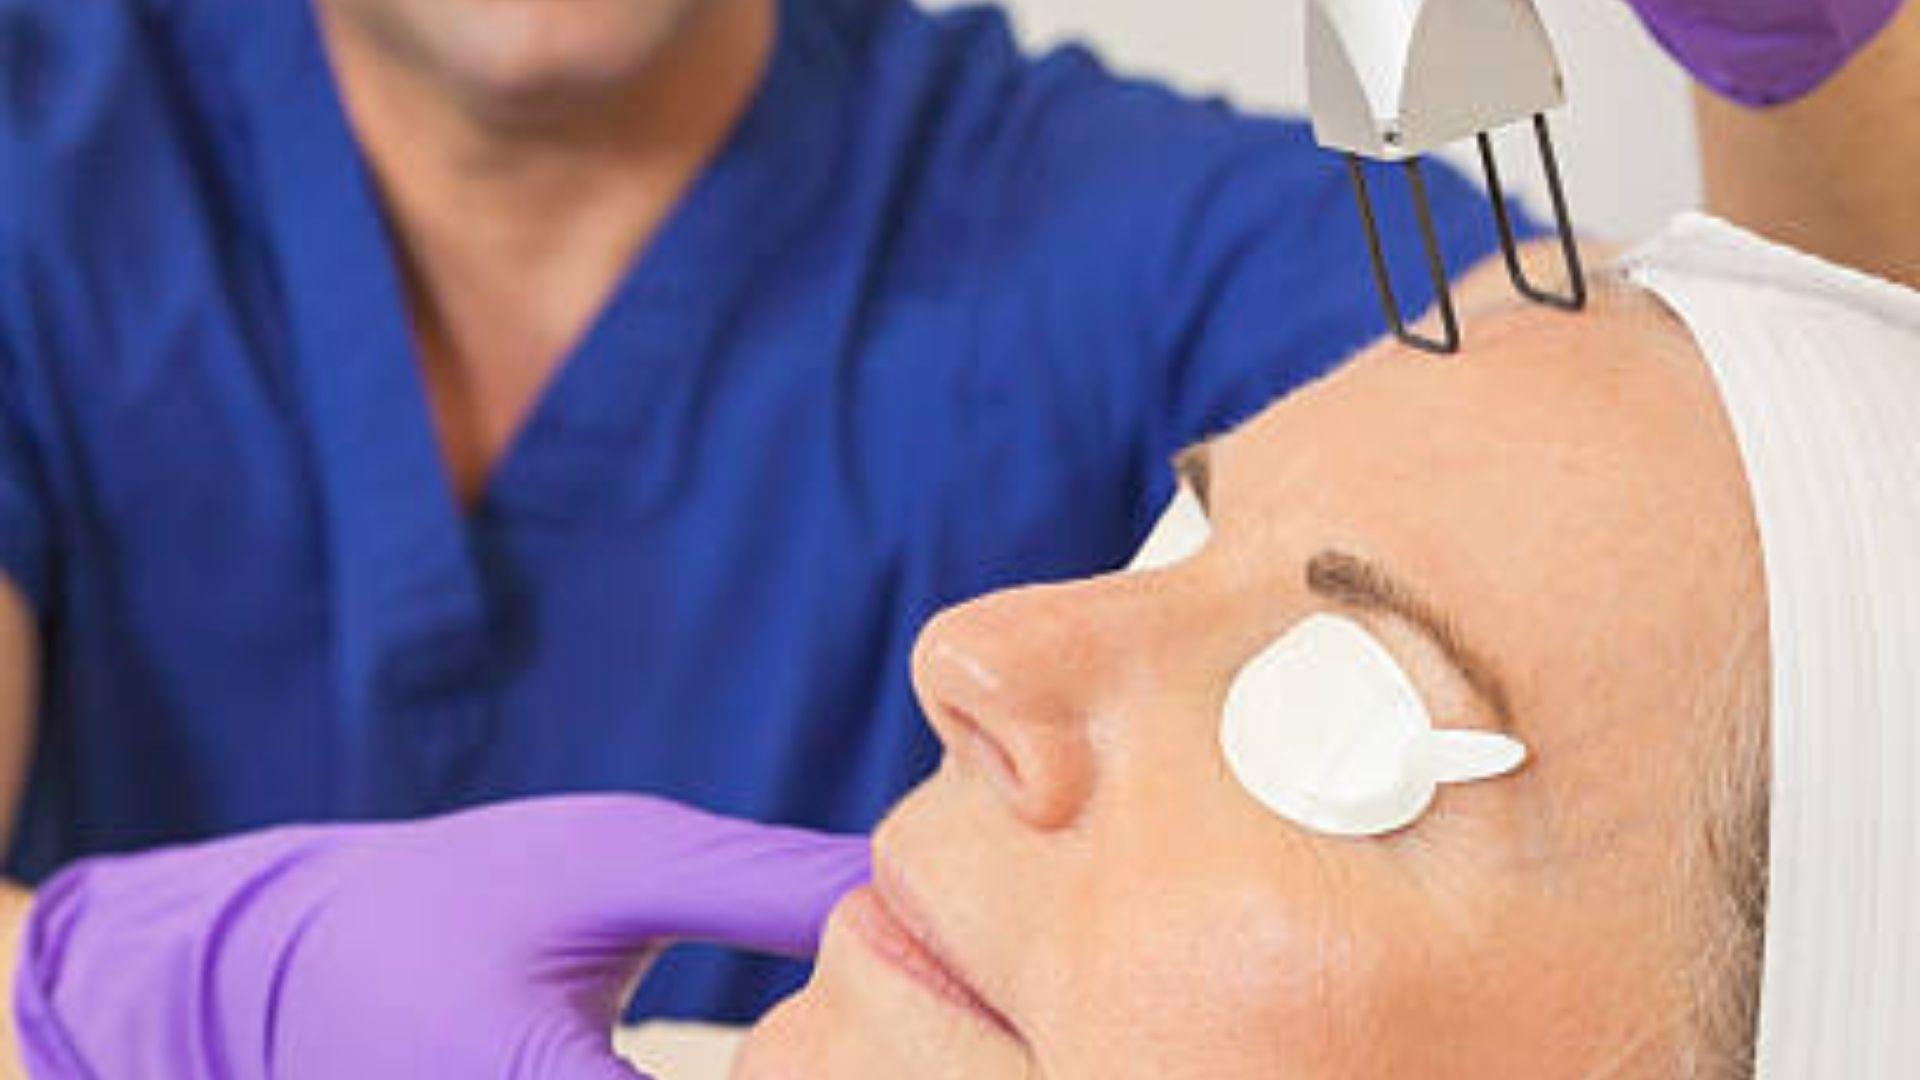 Lưu ý trong điều trị bằng công nghệ Laser CO2 Fractional